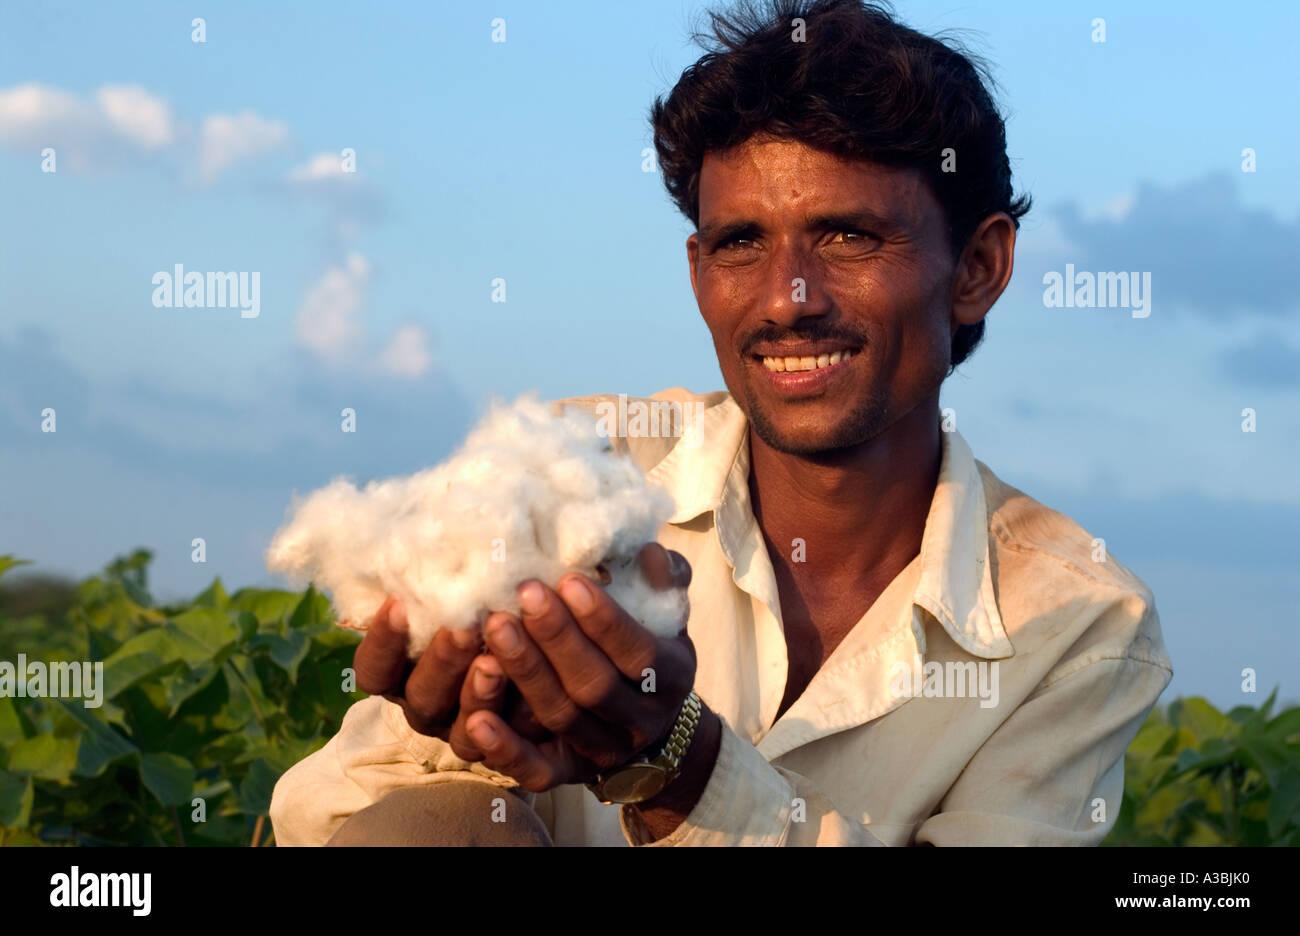 Agricoltore Guajarat in India cresce il cotone che egli vende sotto il regime di commercio equosolidale a Marks Foto Stock